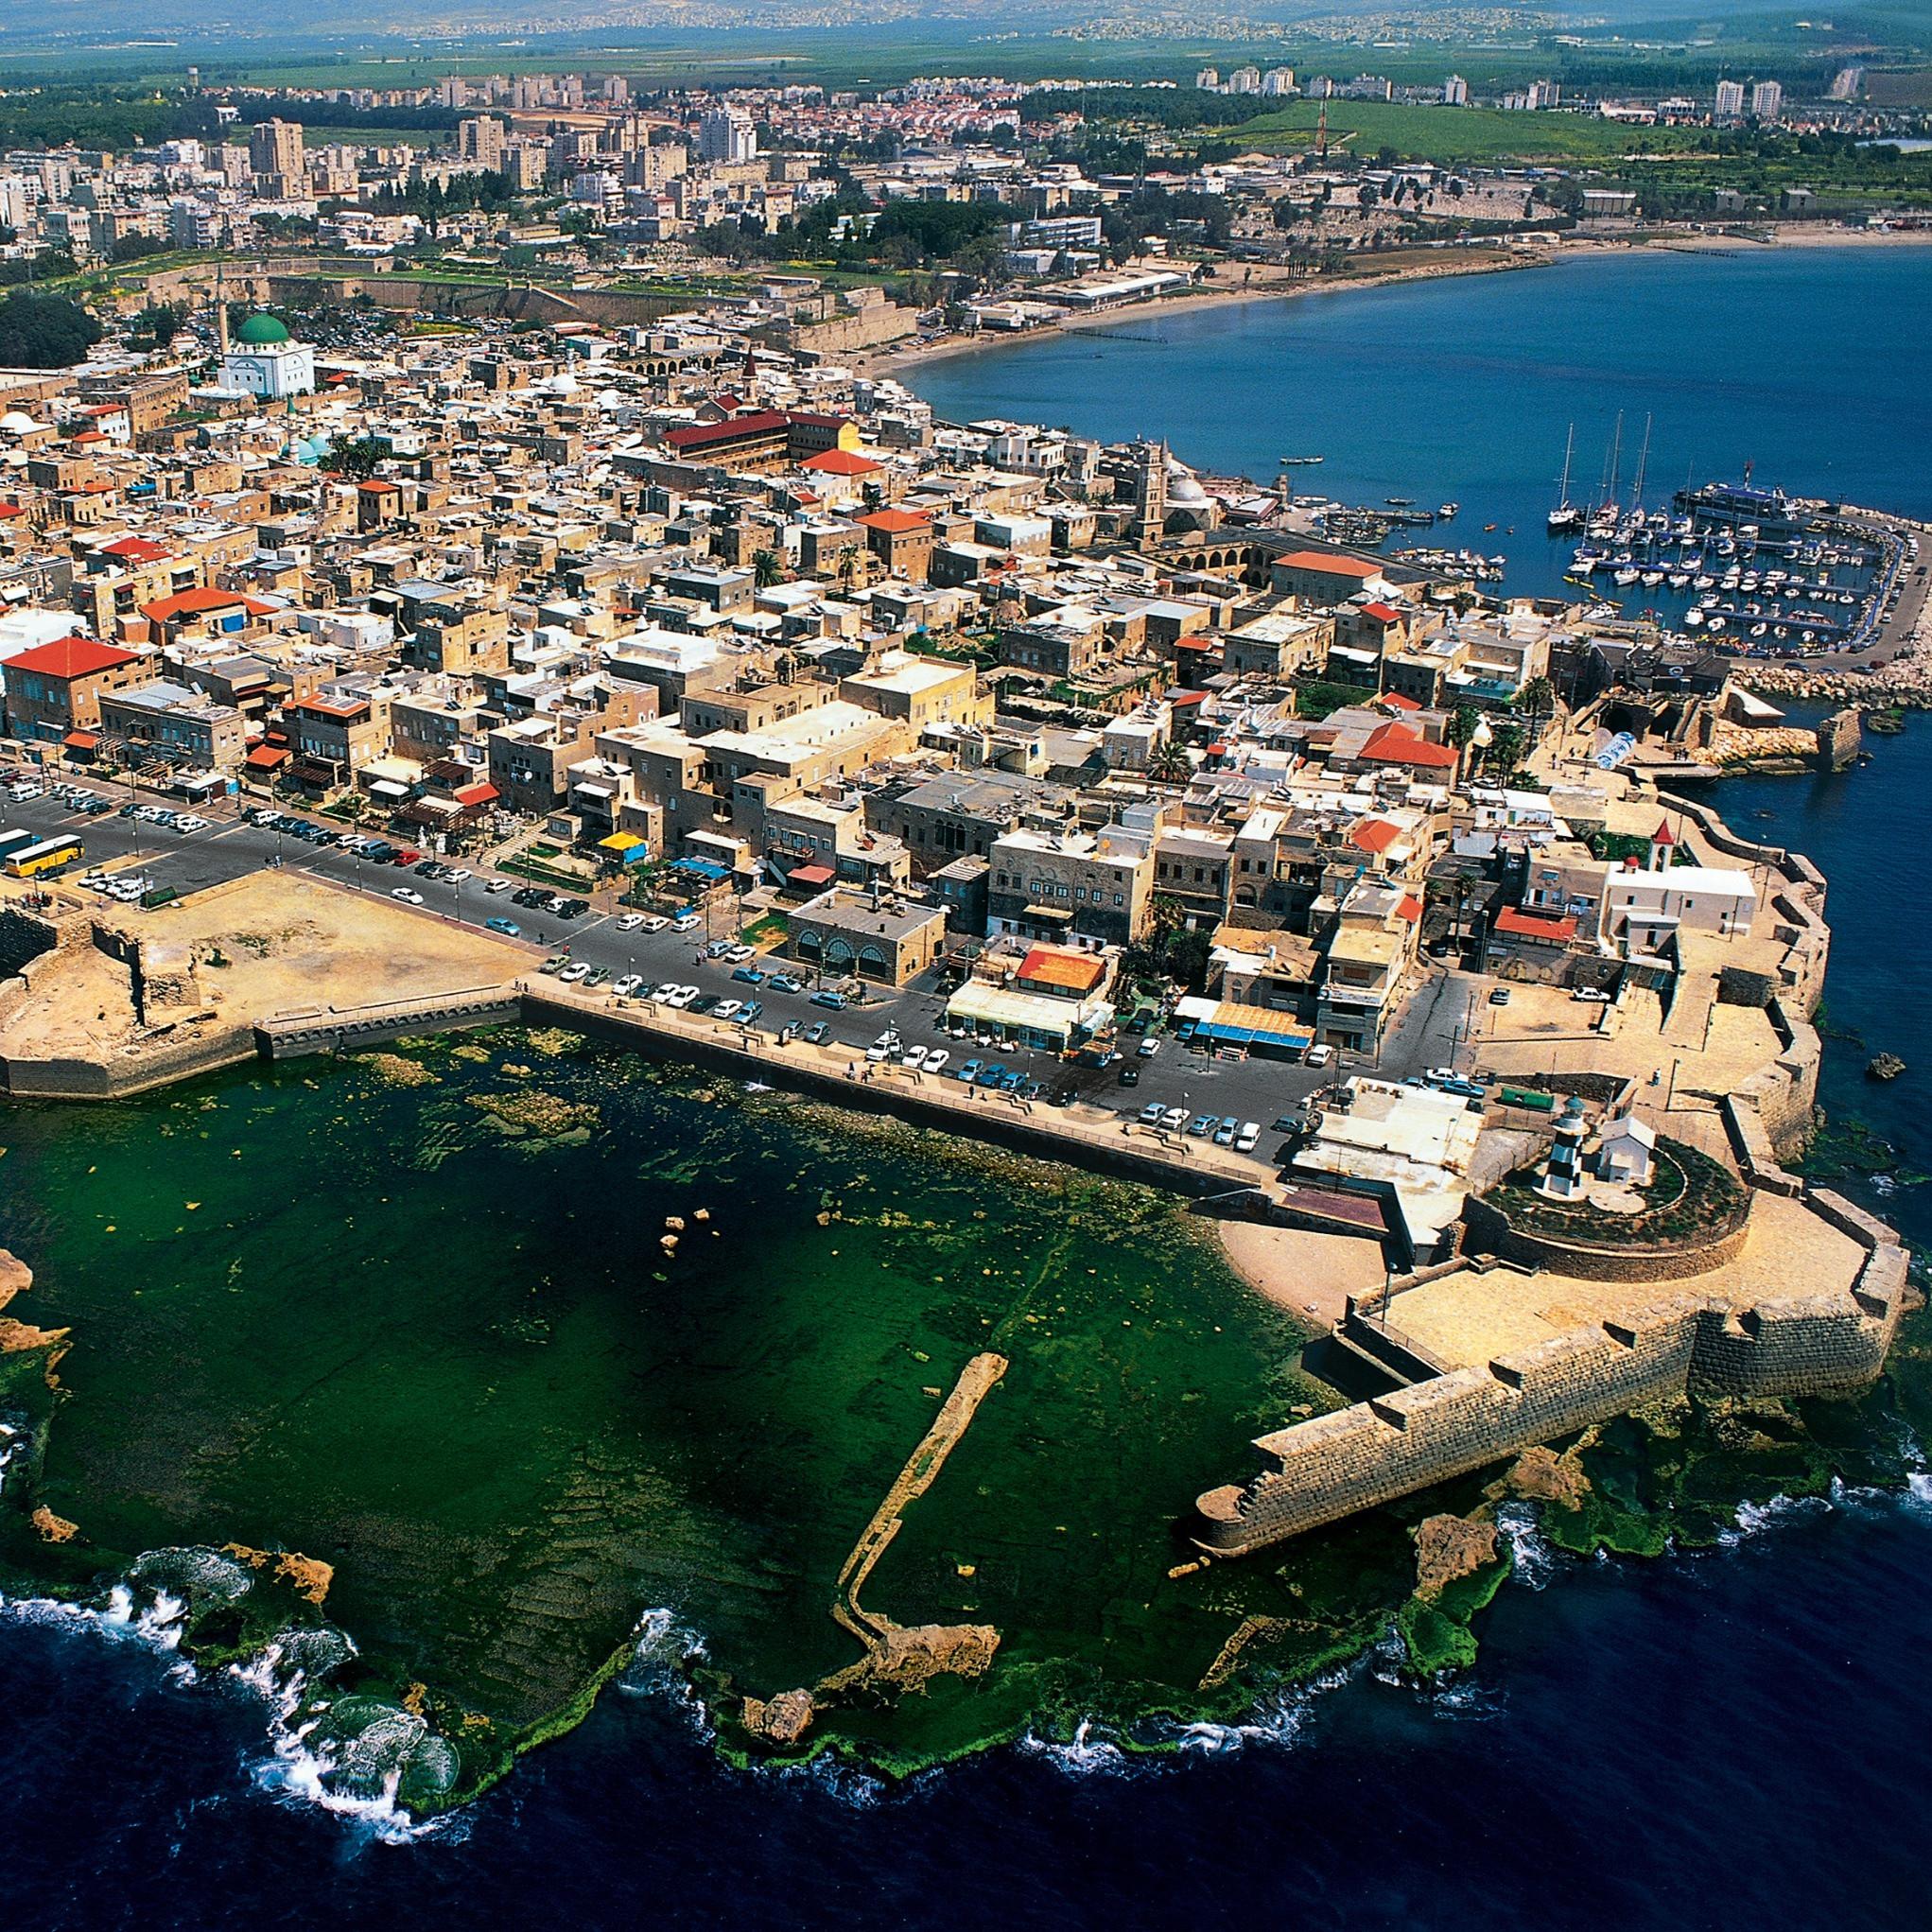 Virtual Tour: Safed, Haifa, & Acre